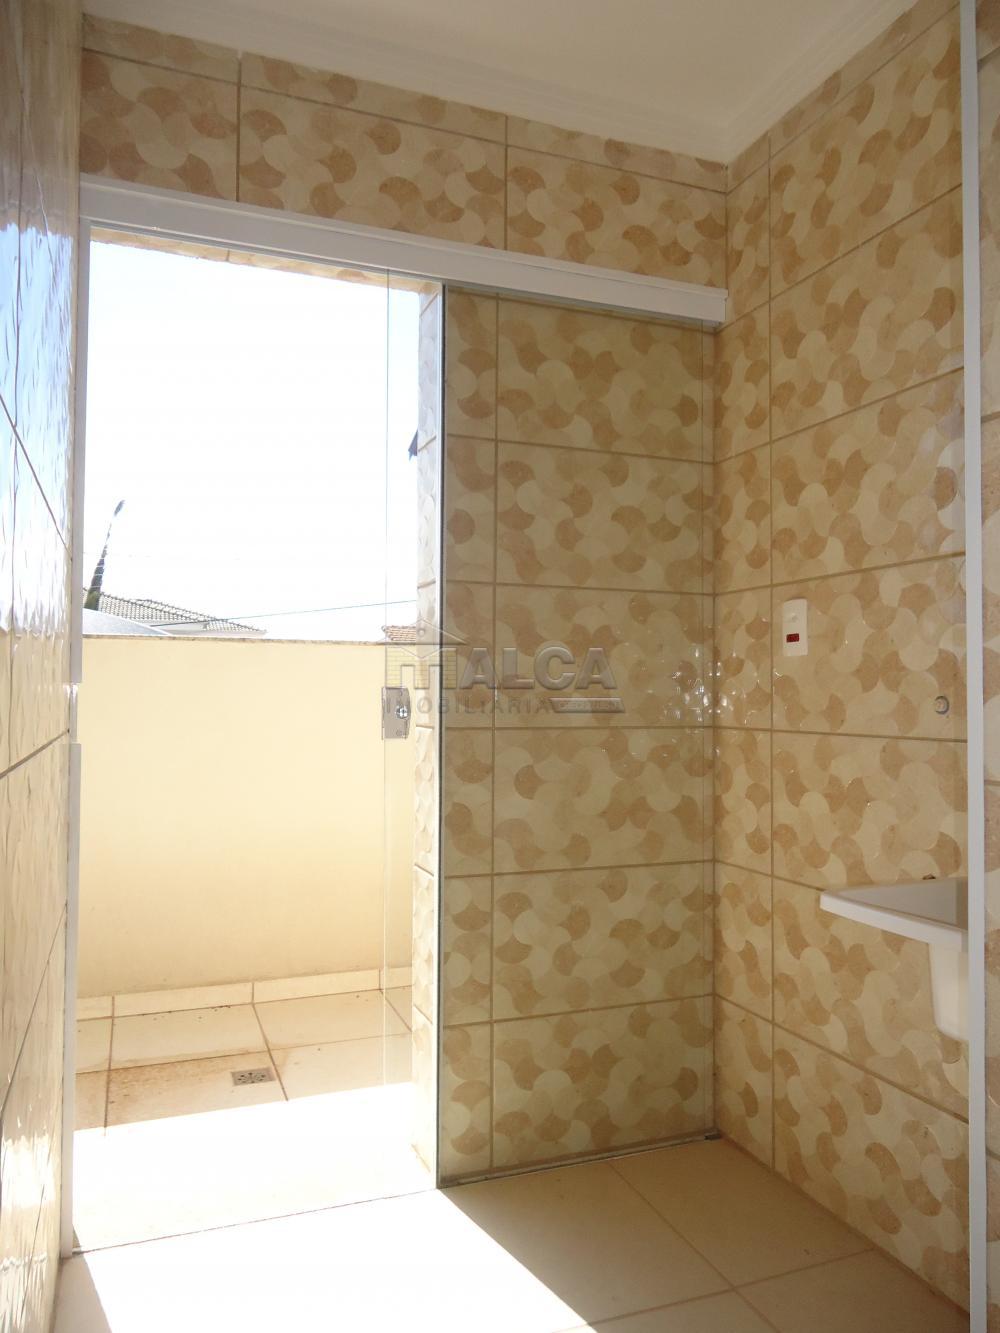 Alugar Apartamentos / Padrão em São José do Rio Pardo R$ 935,00 - Foto 20